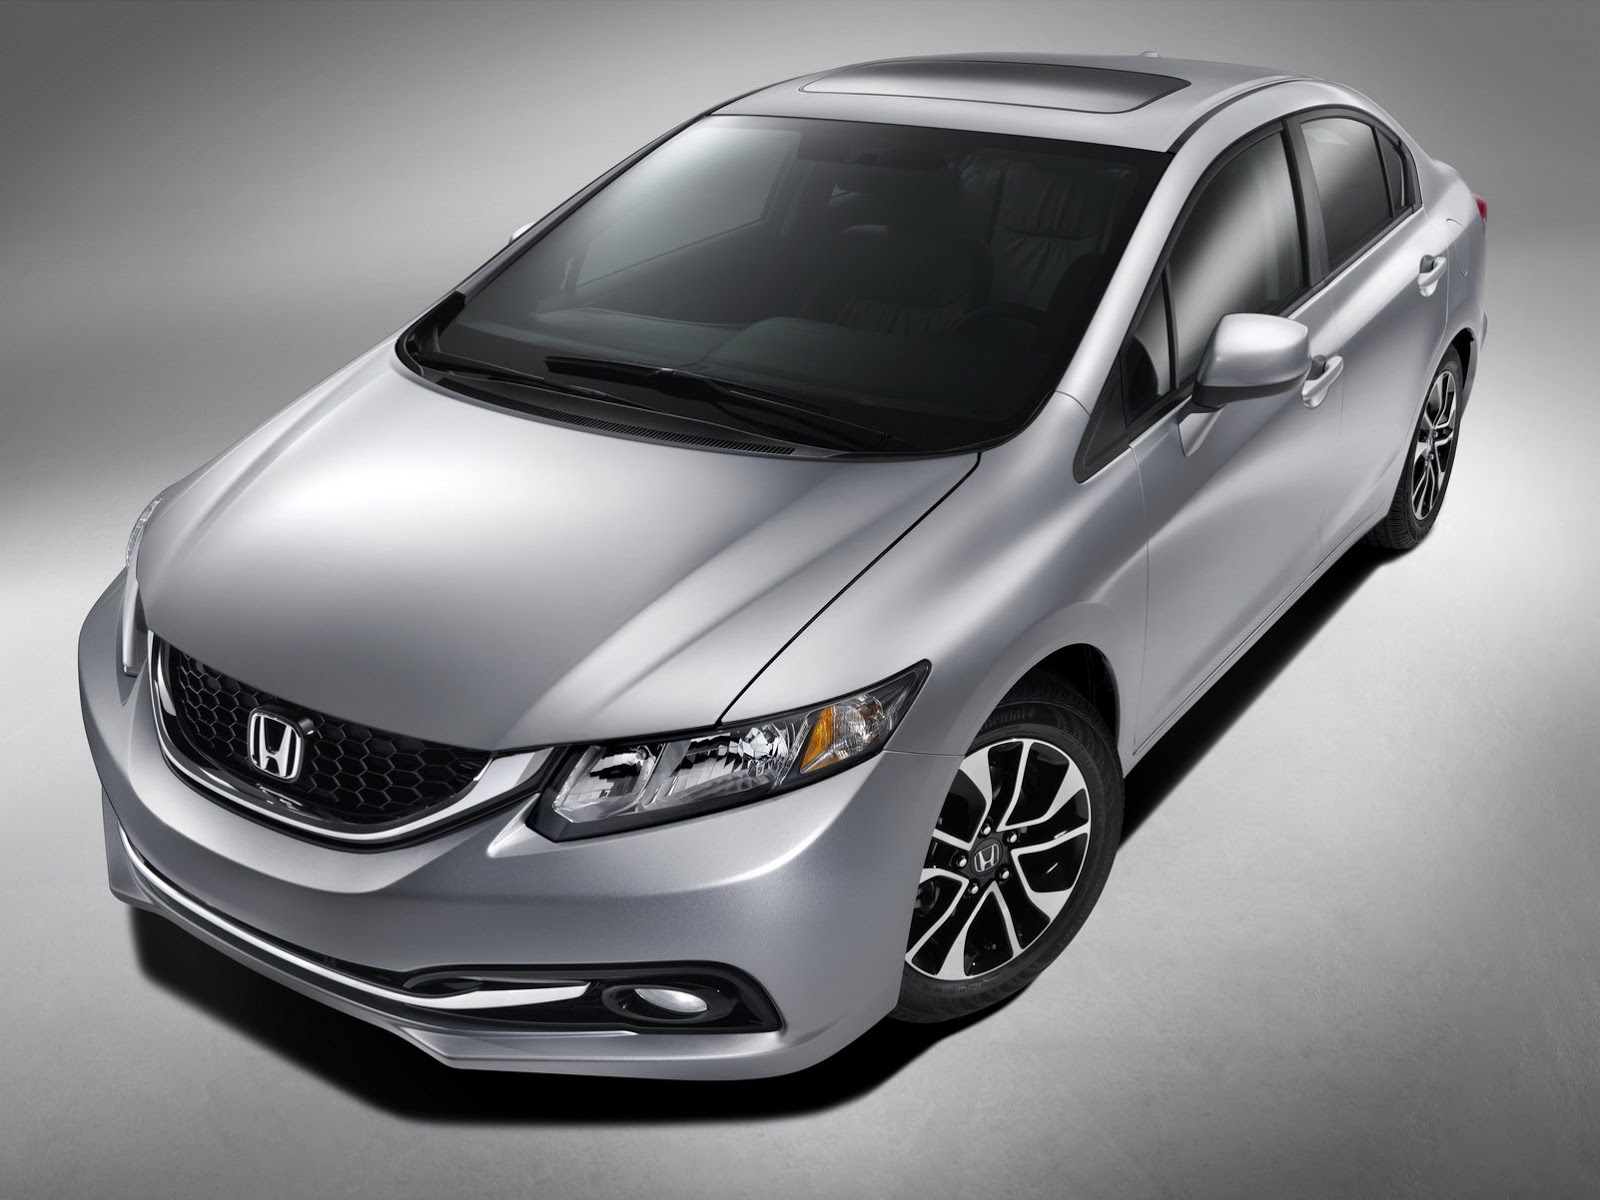 Honda Civic 2013 là một trong những mẫu ô tô giá rẻ, chất lượng tốt cho nhân viên văn phòng